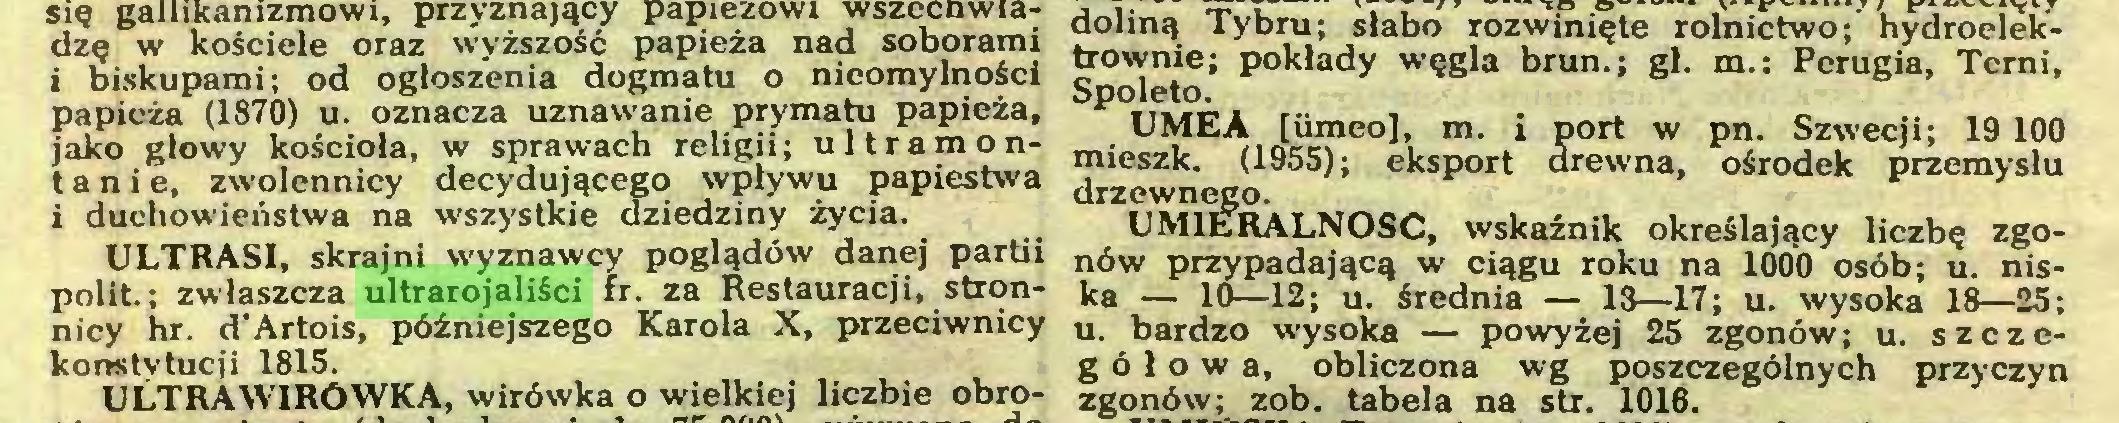 (...) i biskupami; od ogłoszenia dogmatu o nieomylności cnoleto V y VS a ou , gi. m.. rerugia, icrni, papieża (1870) u. oznacza uznawanie prymatu papieża, v ijmfà m __ mn jako głowy kościoła, w sprawach religii; ultramon- ,1icUr?e°ł',. m' 1 Port w Pn' Szwecji; 19 100 tanie, zwolennicy i duchowieństwa na ULTRASI, skrajni wyznawcy poglądów danej partii nów przypadającą w ciągu roku na 1000 osób; u. nispolit.; zwłaszcza ultrarojaliści fr. za Restauracji, stron- _ 10_12; u. średnia — 13—17; u. wysoka 18—25; nicy hr. d'Artois, późniejszego Karola X, przeciwnicy u, bardzo wysoka — powyżej 25 zgonów; u. szczckonstytucji 1815. g ó ł o w a, obliczona wg poszczególnych przyczyn ULTRA WIRÓWKA, wirówka o wielkiej liczbie obro- zgonów; zob. tabela na str. 1016...